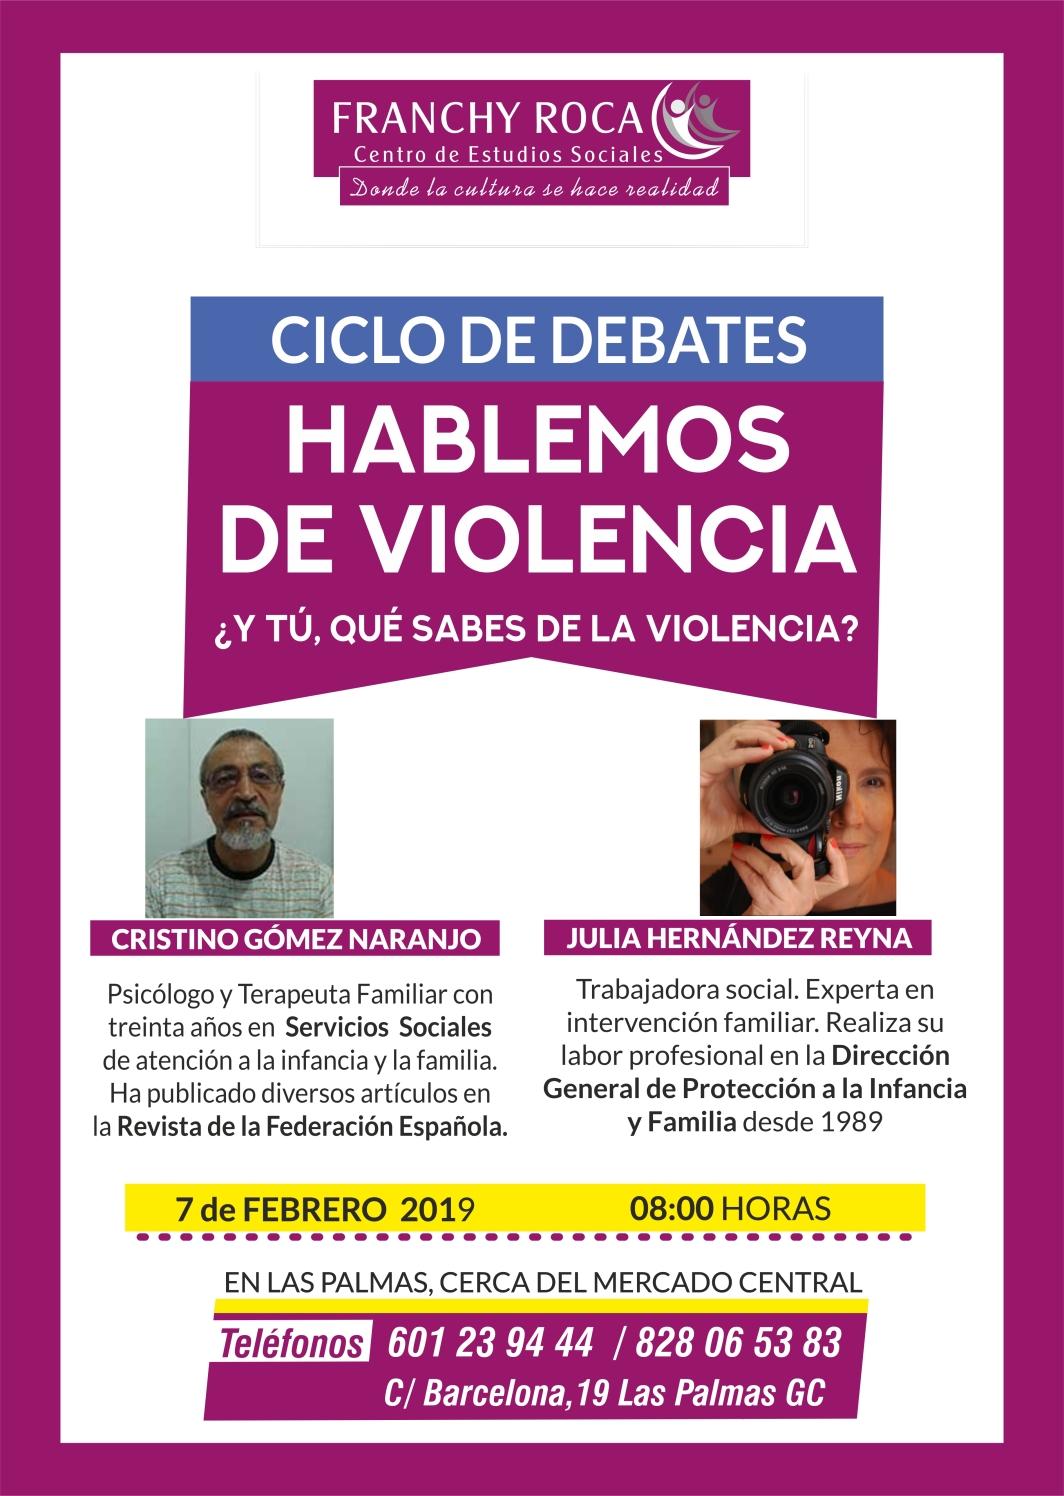 CARTEL HABLEMOS DE VIOLENCIA.jpg